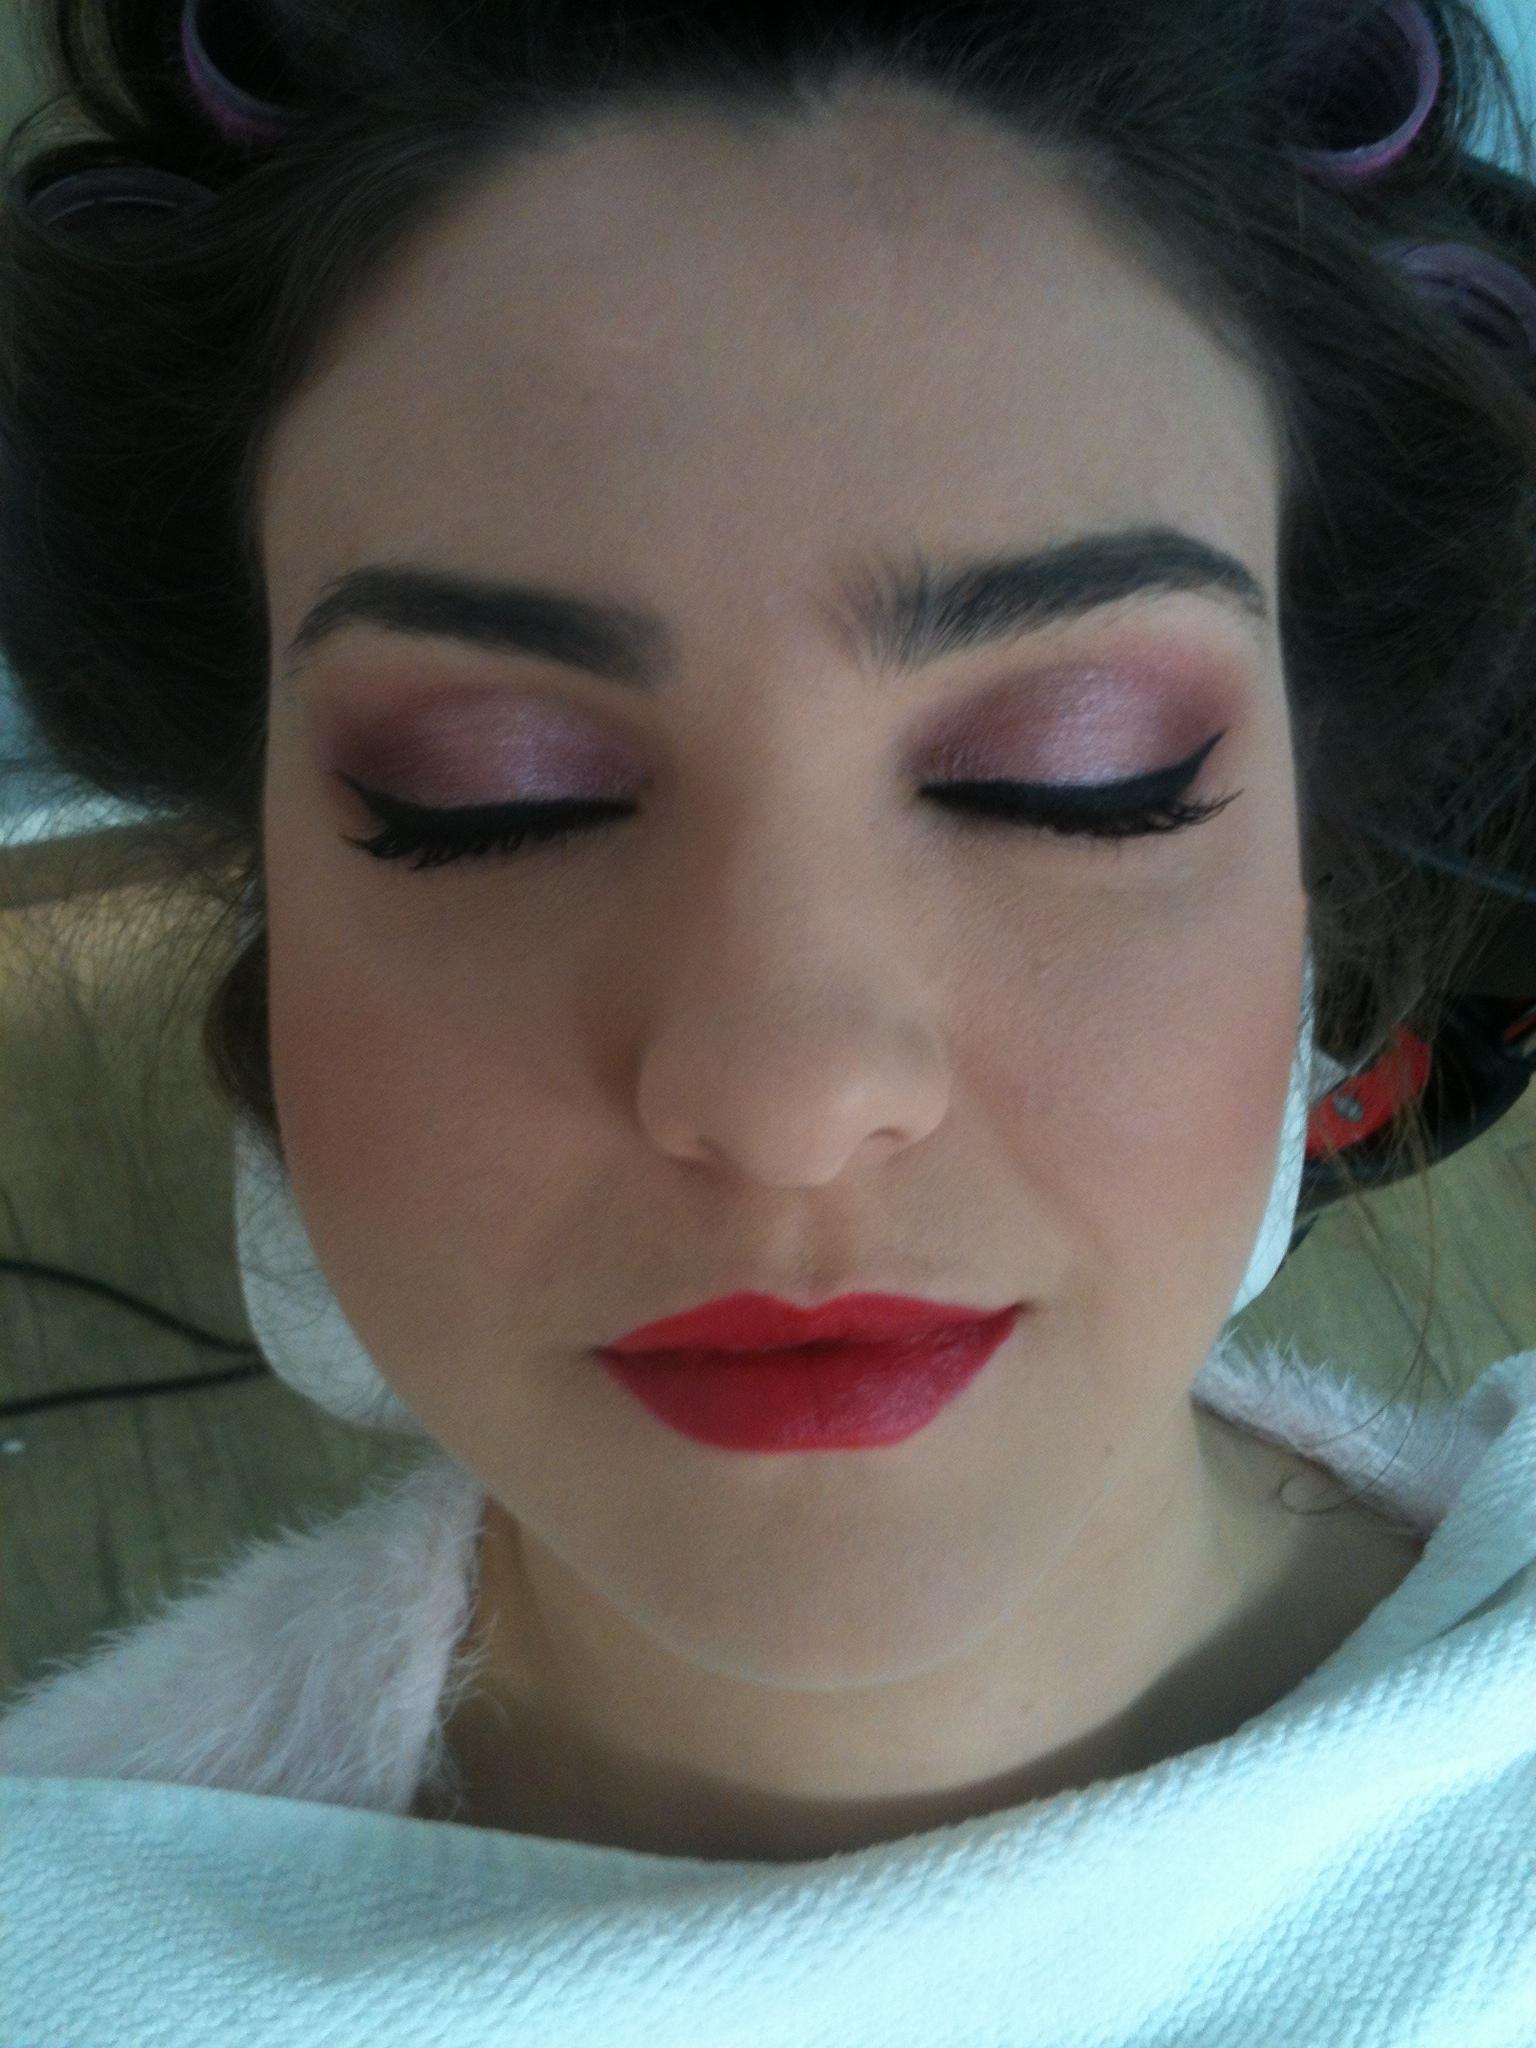 rosa, esfumado maquiagem  cabeleireiro(a) maquiador(a)